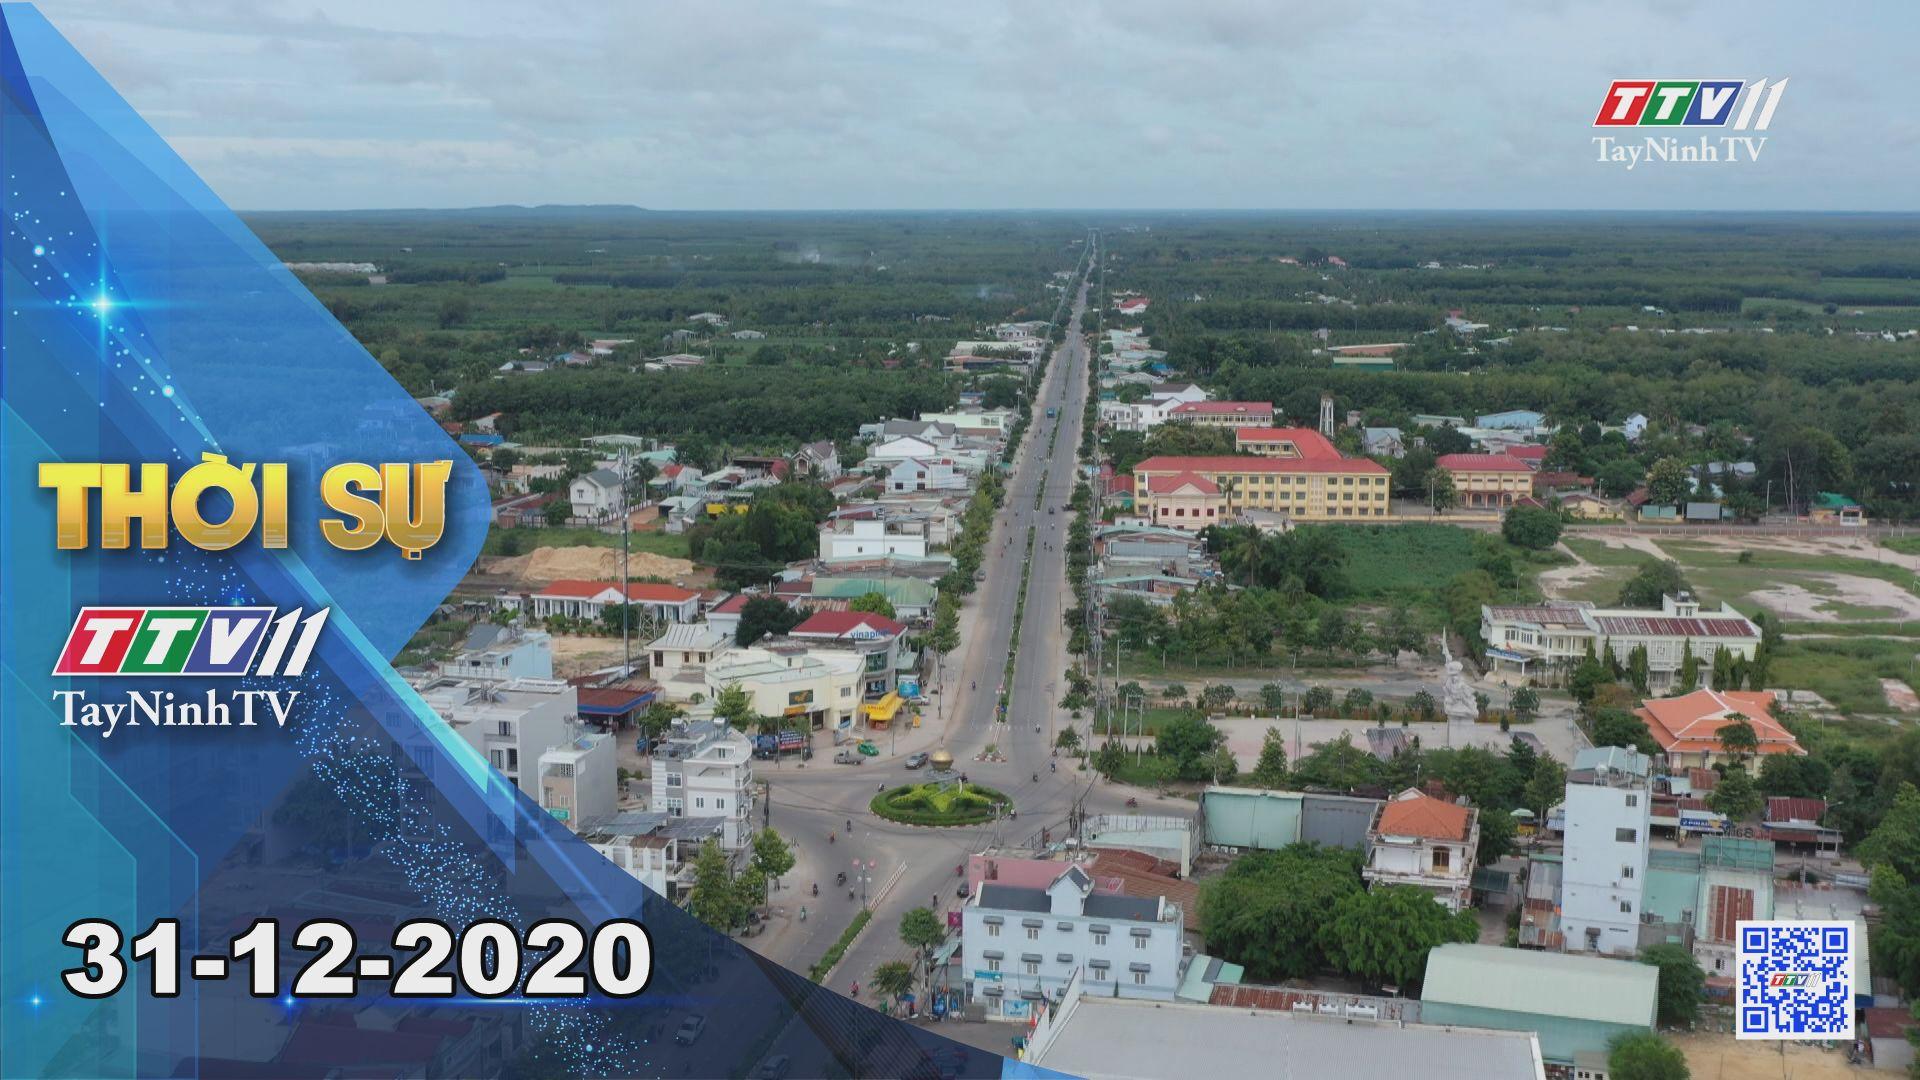 Thời sự Tây Ninh 31-12-2020 | Tin tức hôm nay | TayNinhTV